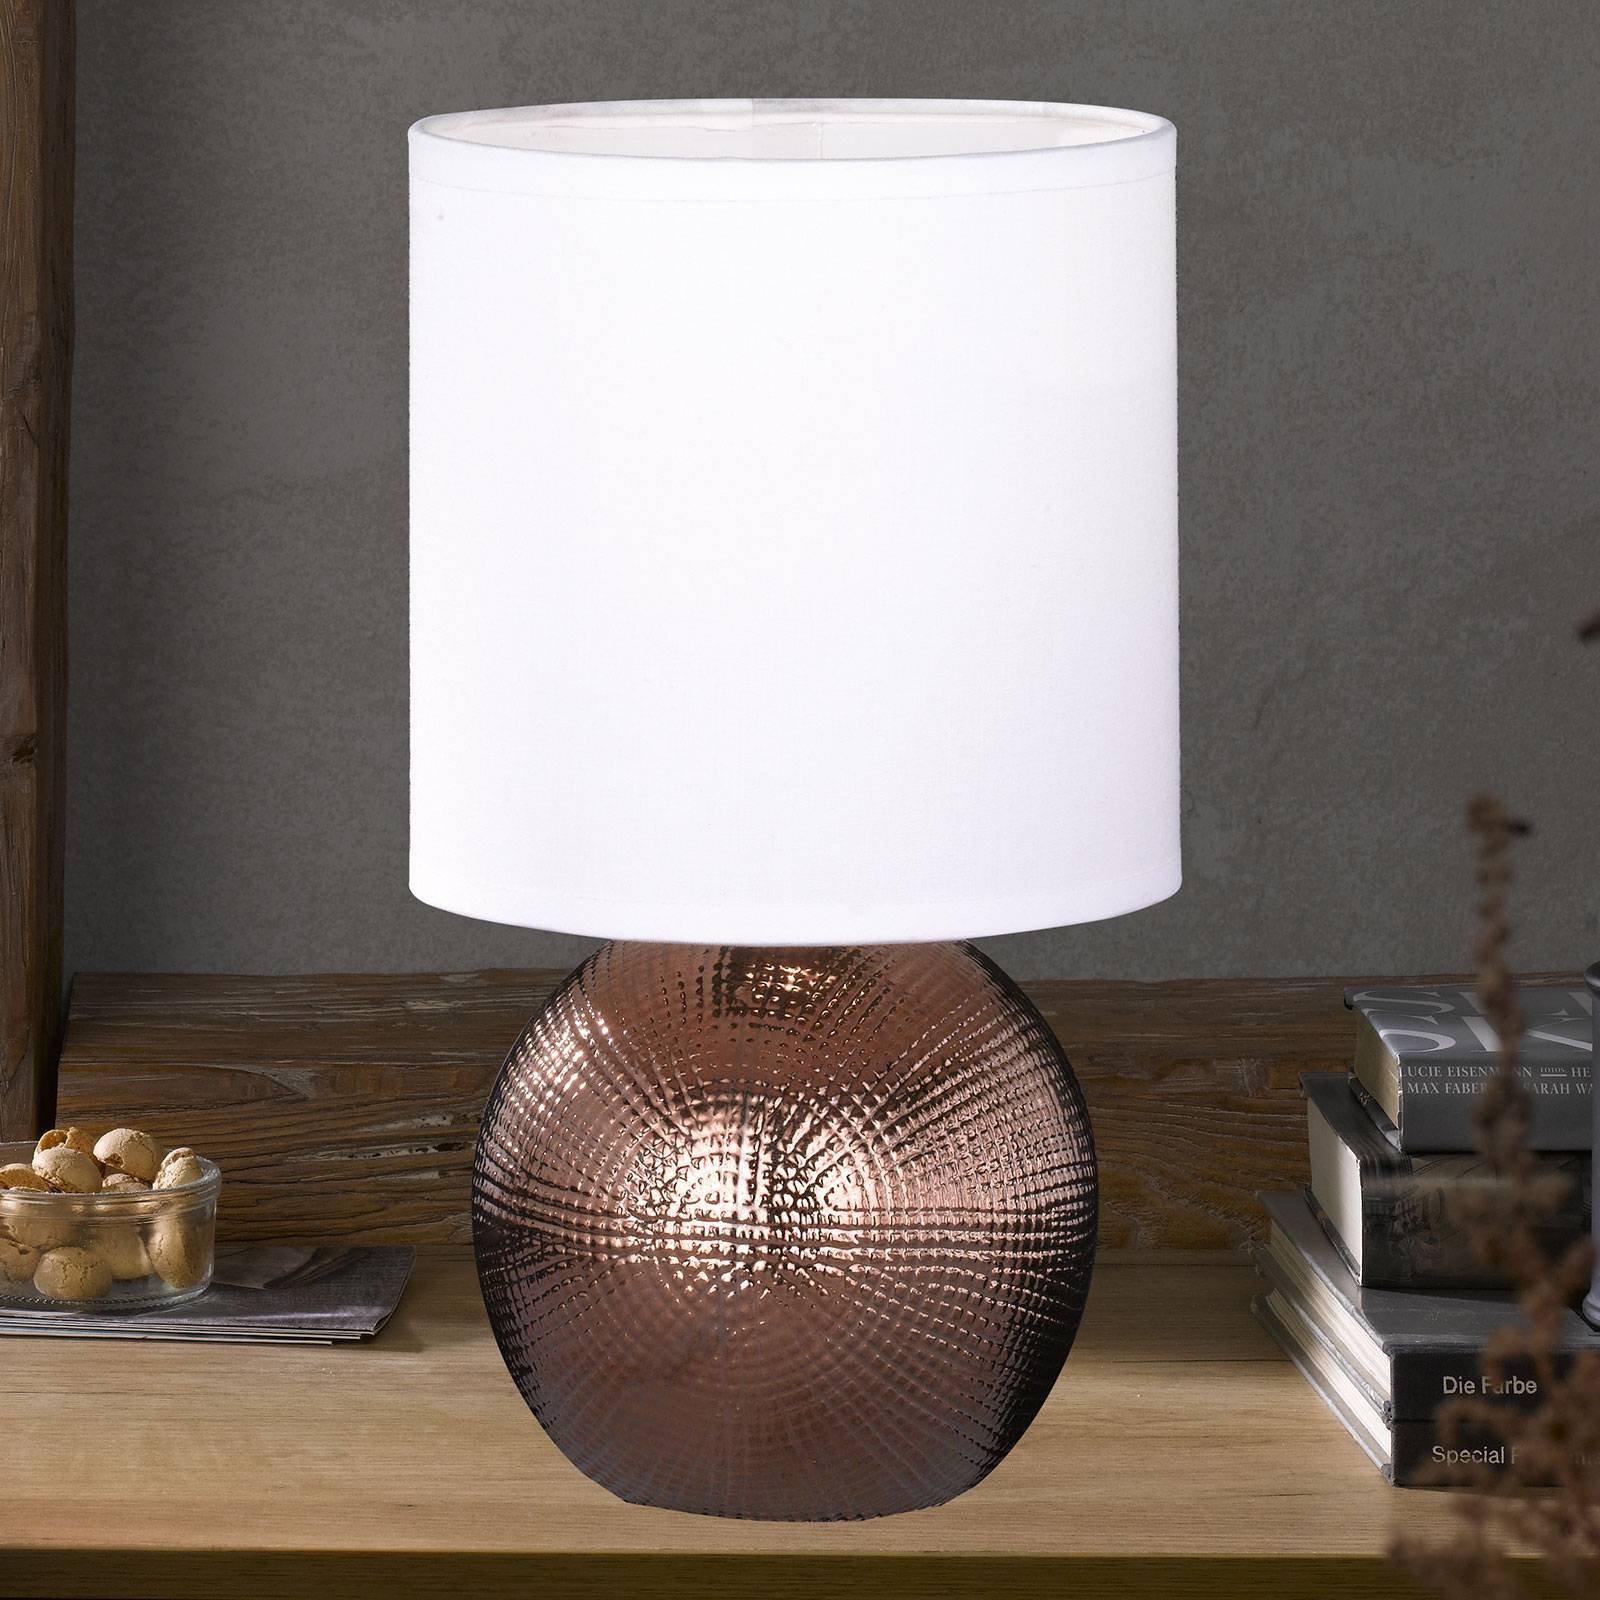 Liten bordlampe Foro med kobberfarget fot